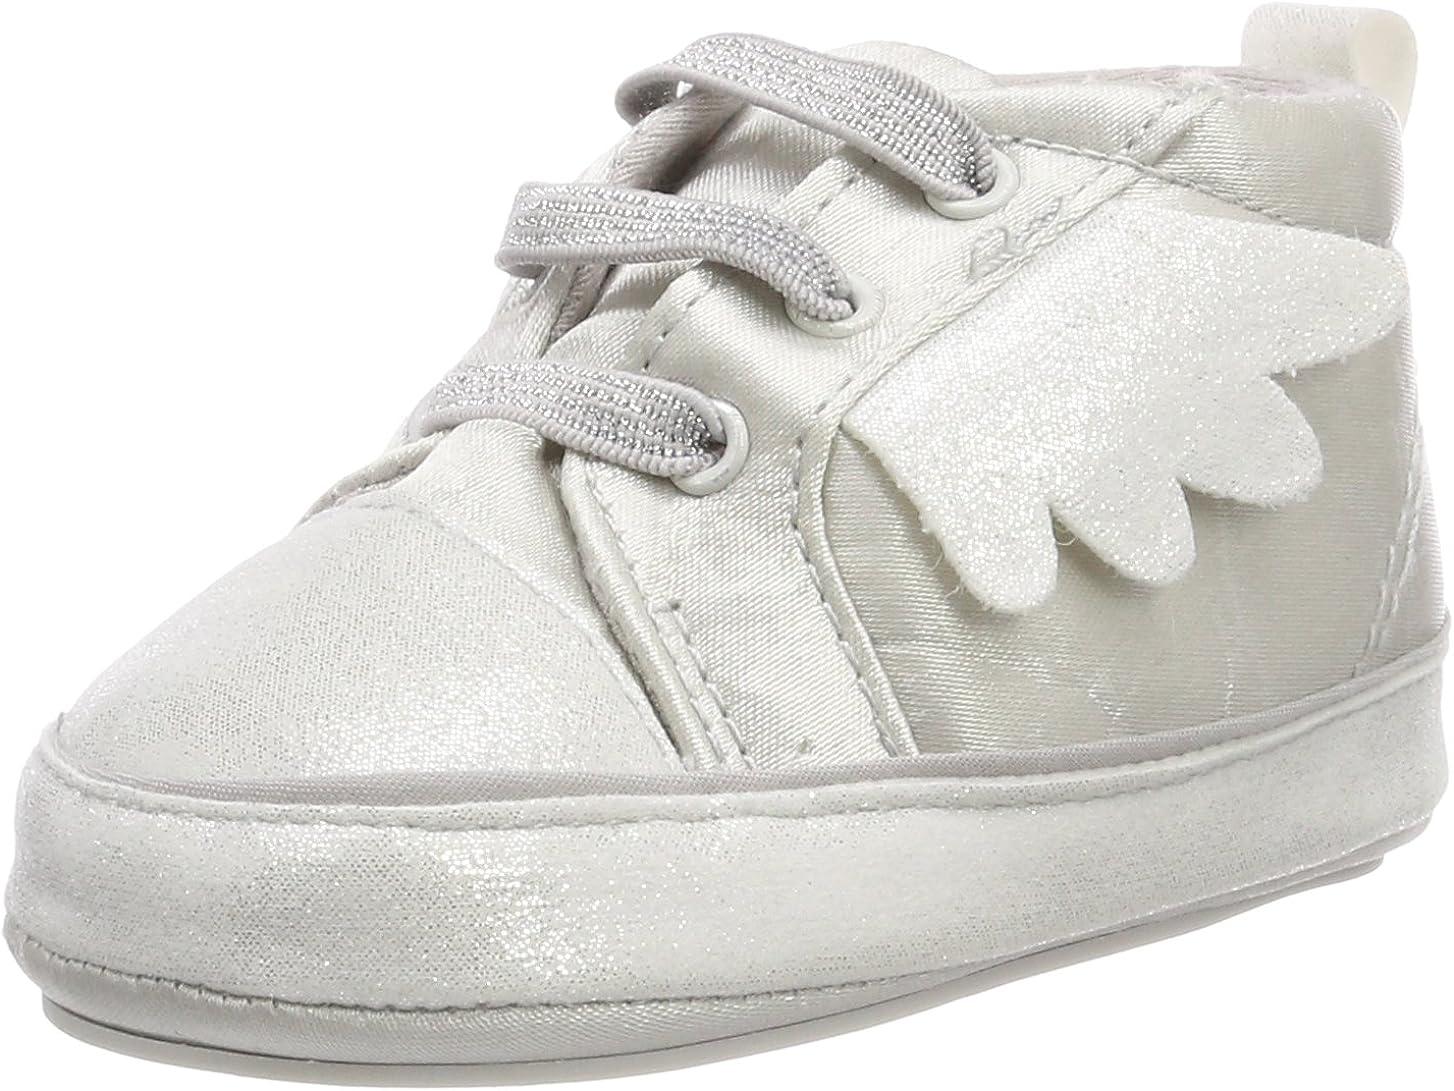 Sterntaler Baby Girls Schuh Trainers